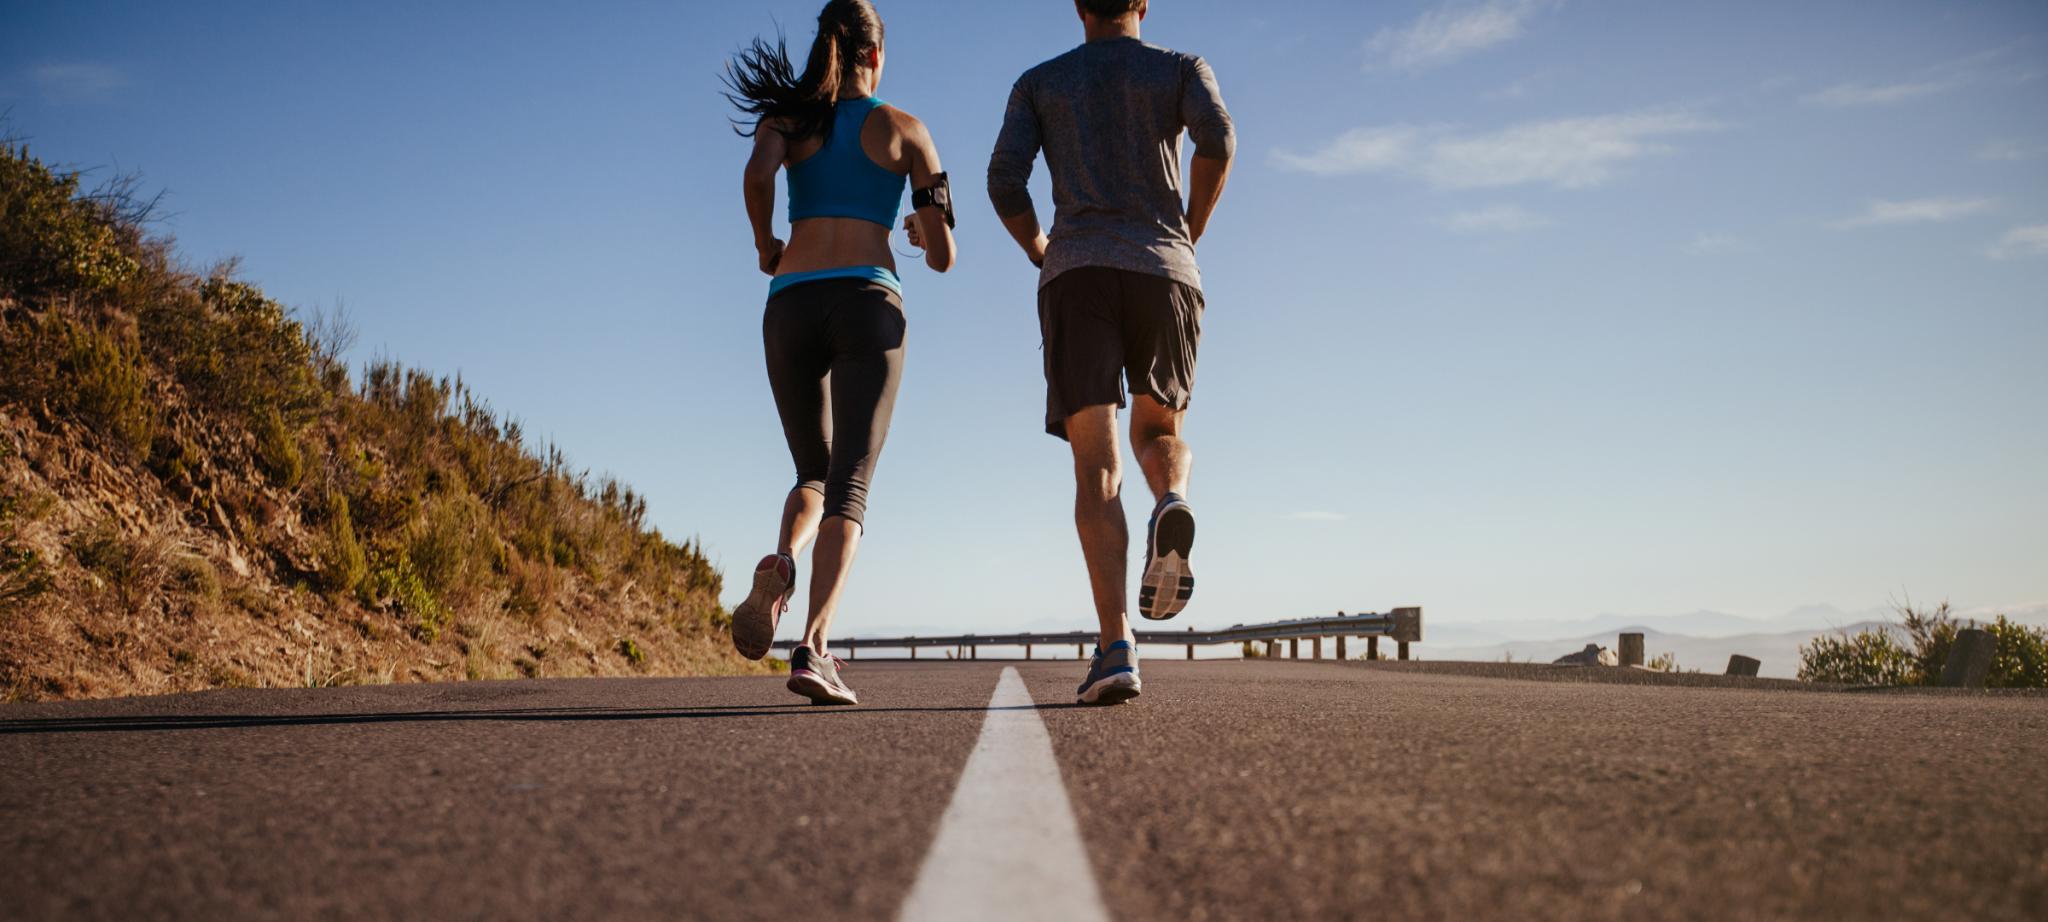 attività fisica migliore giusta mal di schiena nadia forte schiena forte